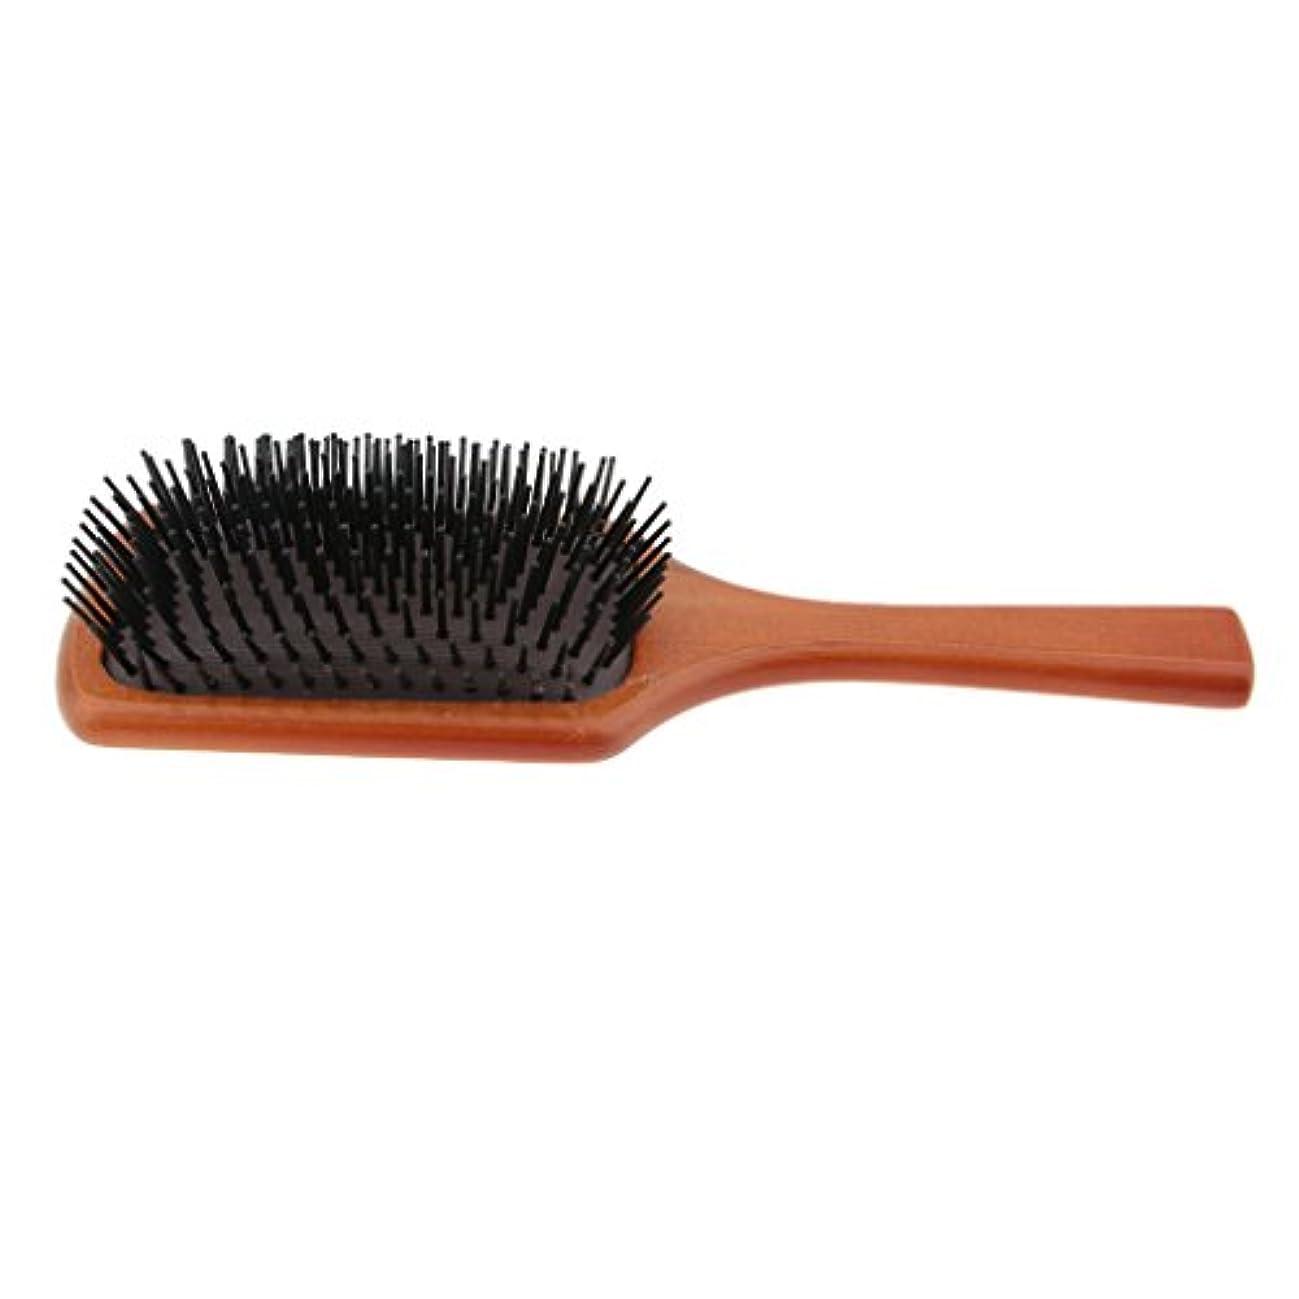 四半期スラッシュ負荷CUTICATE 木製ヘアブラシ ヘアダイコーム 木製コーム ヘアコーム 櫛 理髪店 アクセサリー